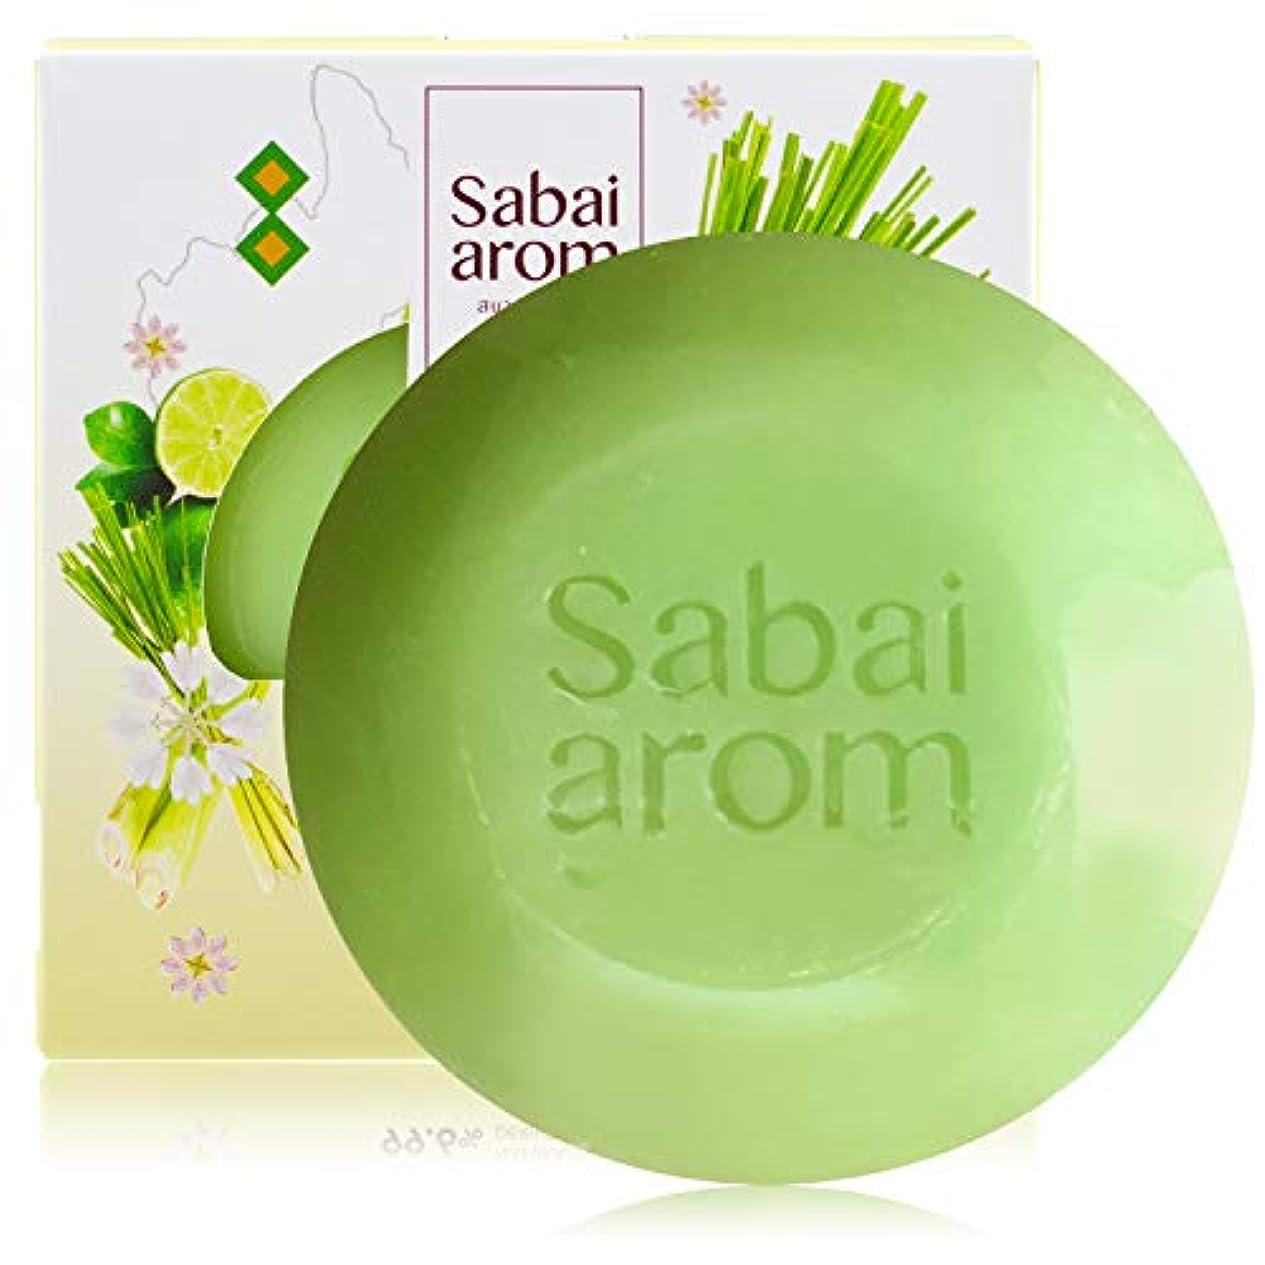 デッドレンド邪悪なサバイアロム(Sabai-arom) レモングラス フェイス&ボディソープバー (石鹸) 100g【LMG】【001】